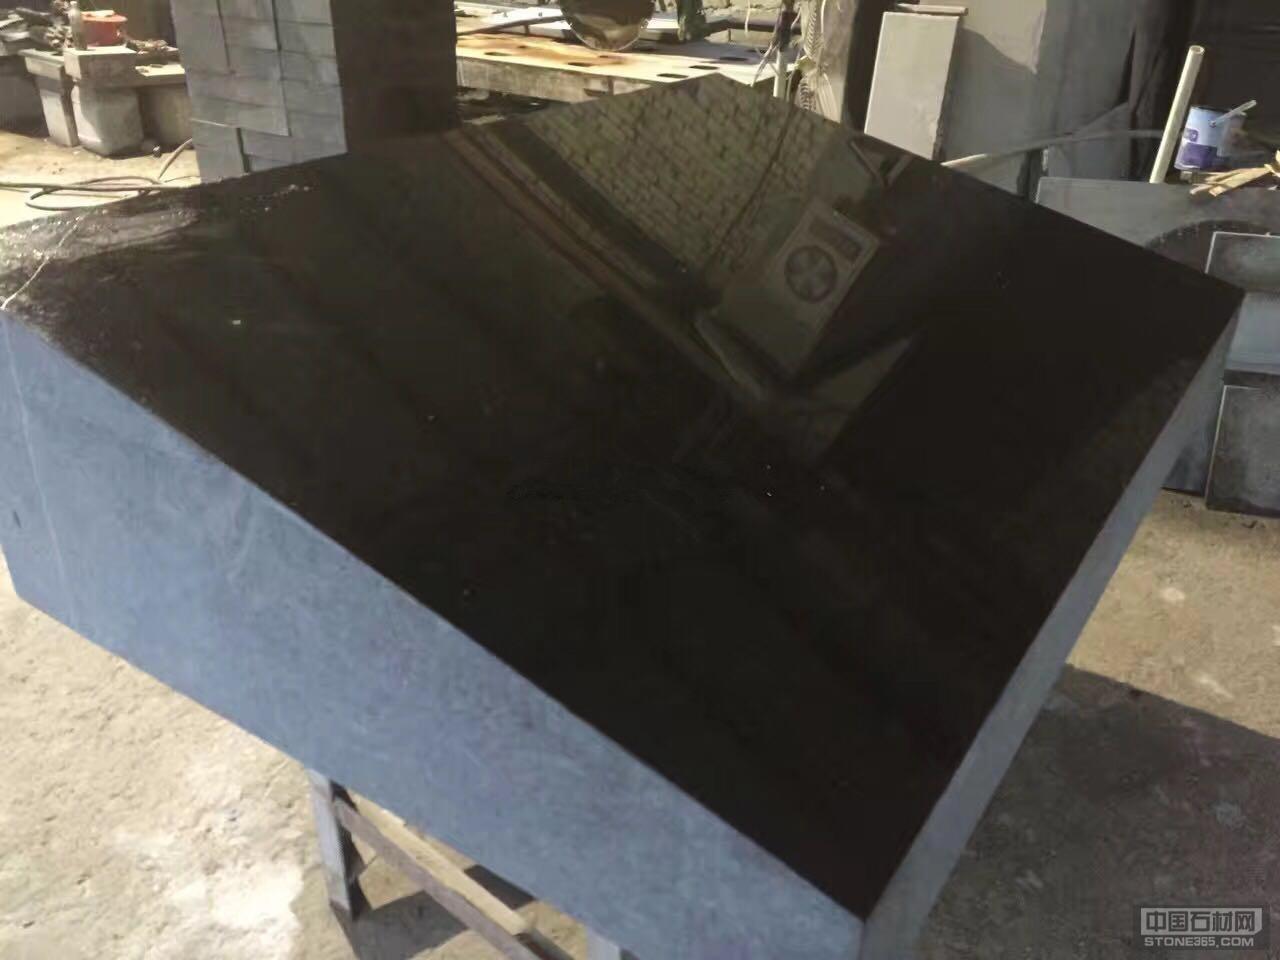 安徽国产黑金沙异型石材厂家